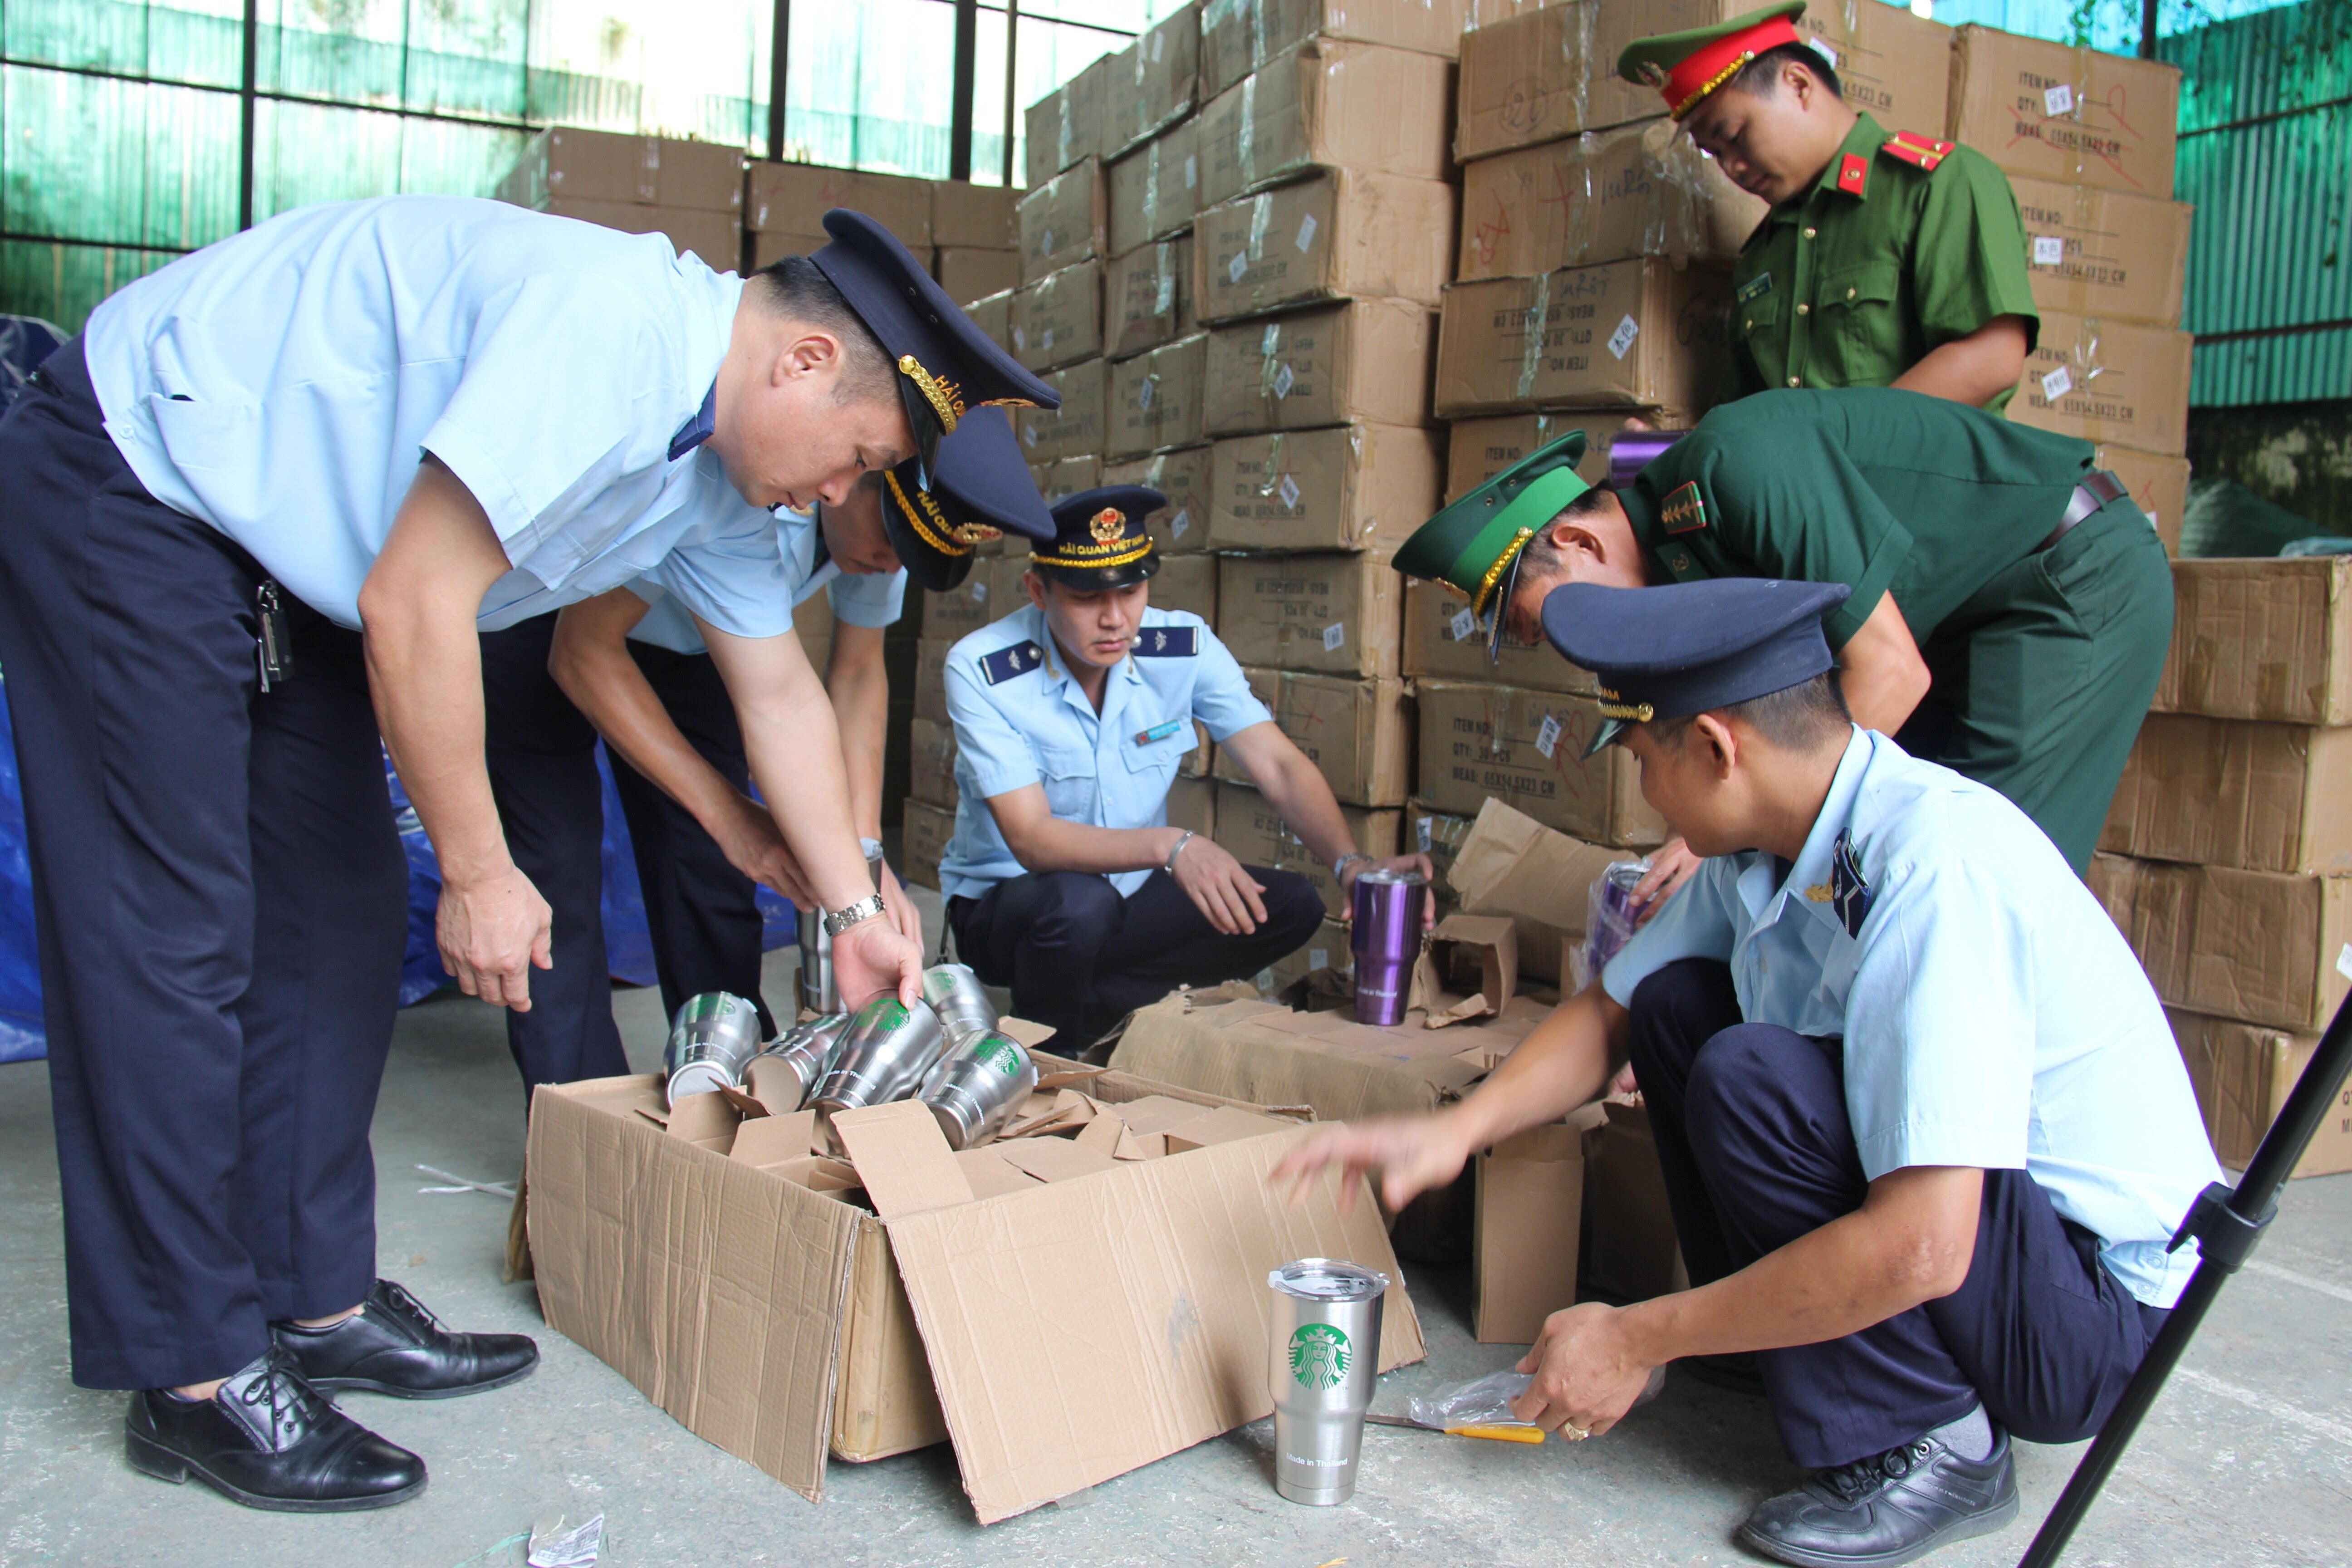 Phát hiện kho chứa 280 kiện hàng nghi giả mạo xuất xứ Thái Lan